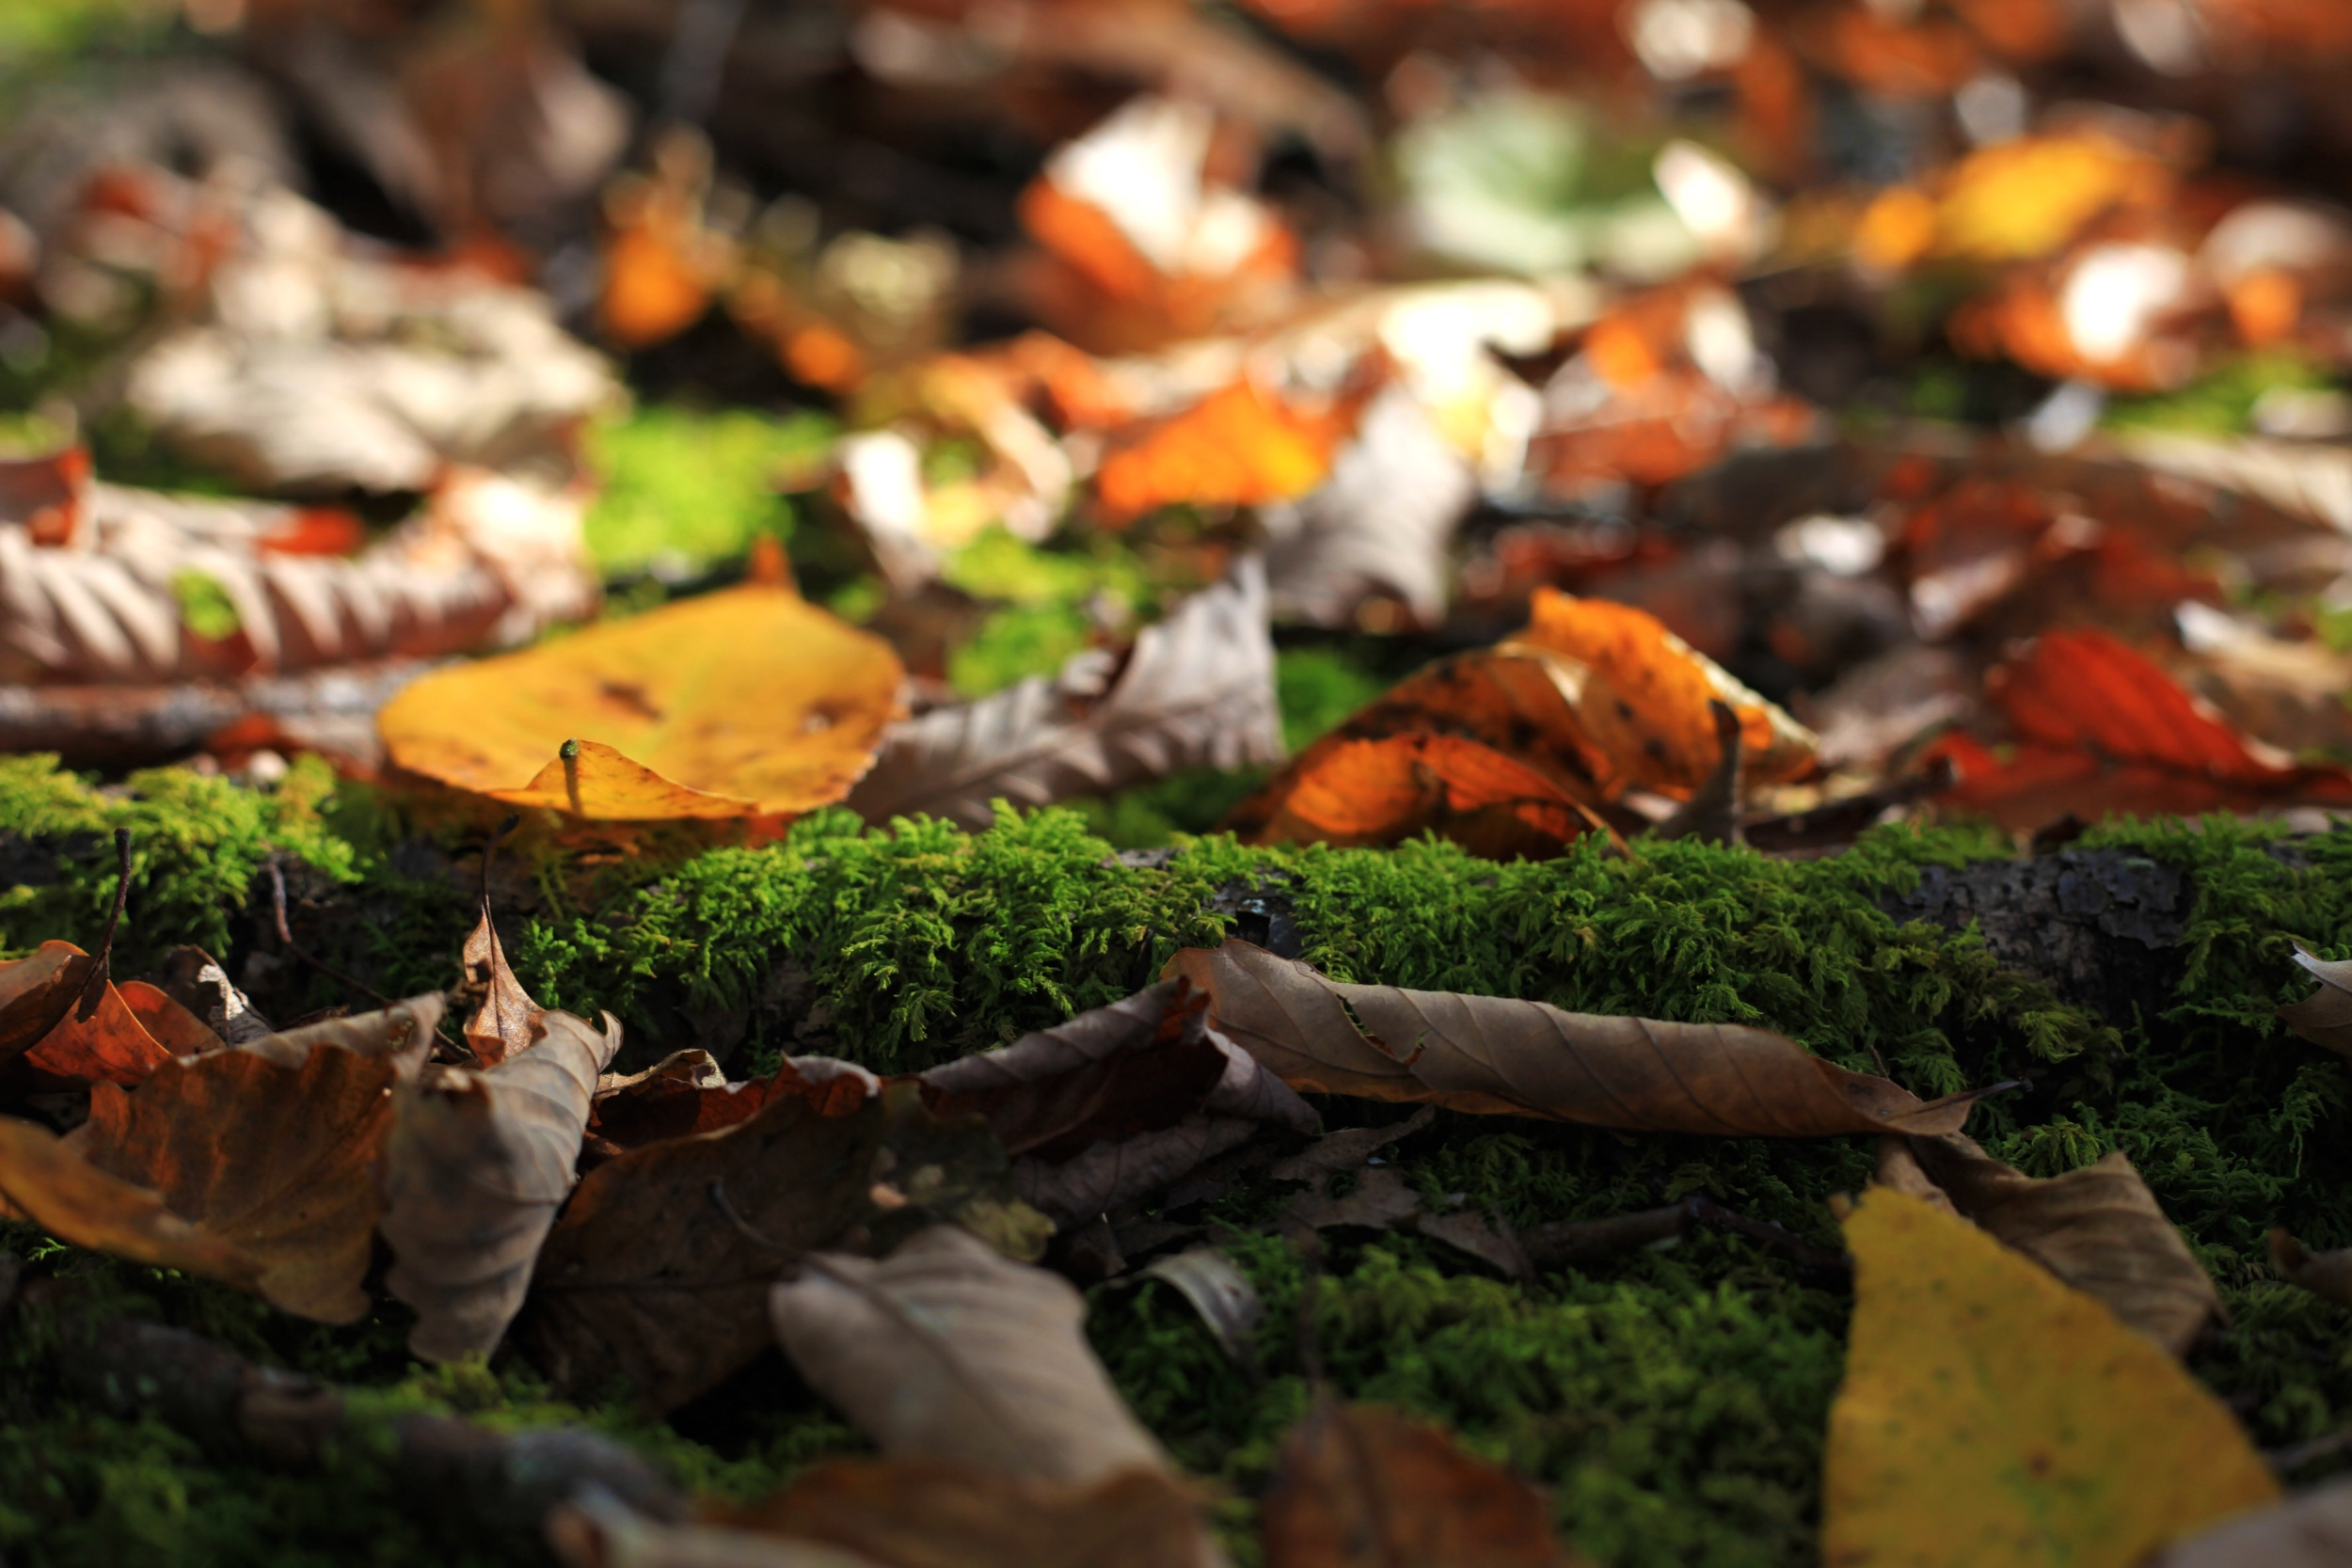 Leaf litter in Shenandoah National Park. Photo by Heather Rosenfeldt.